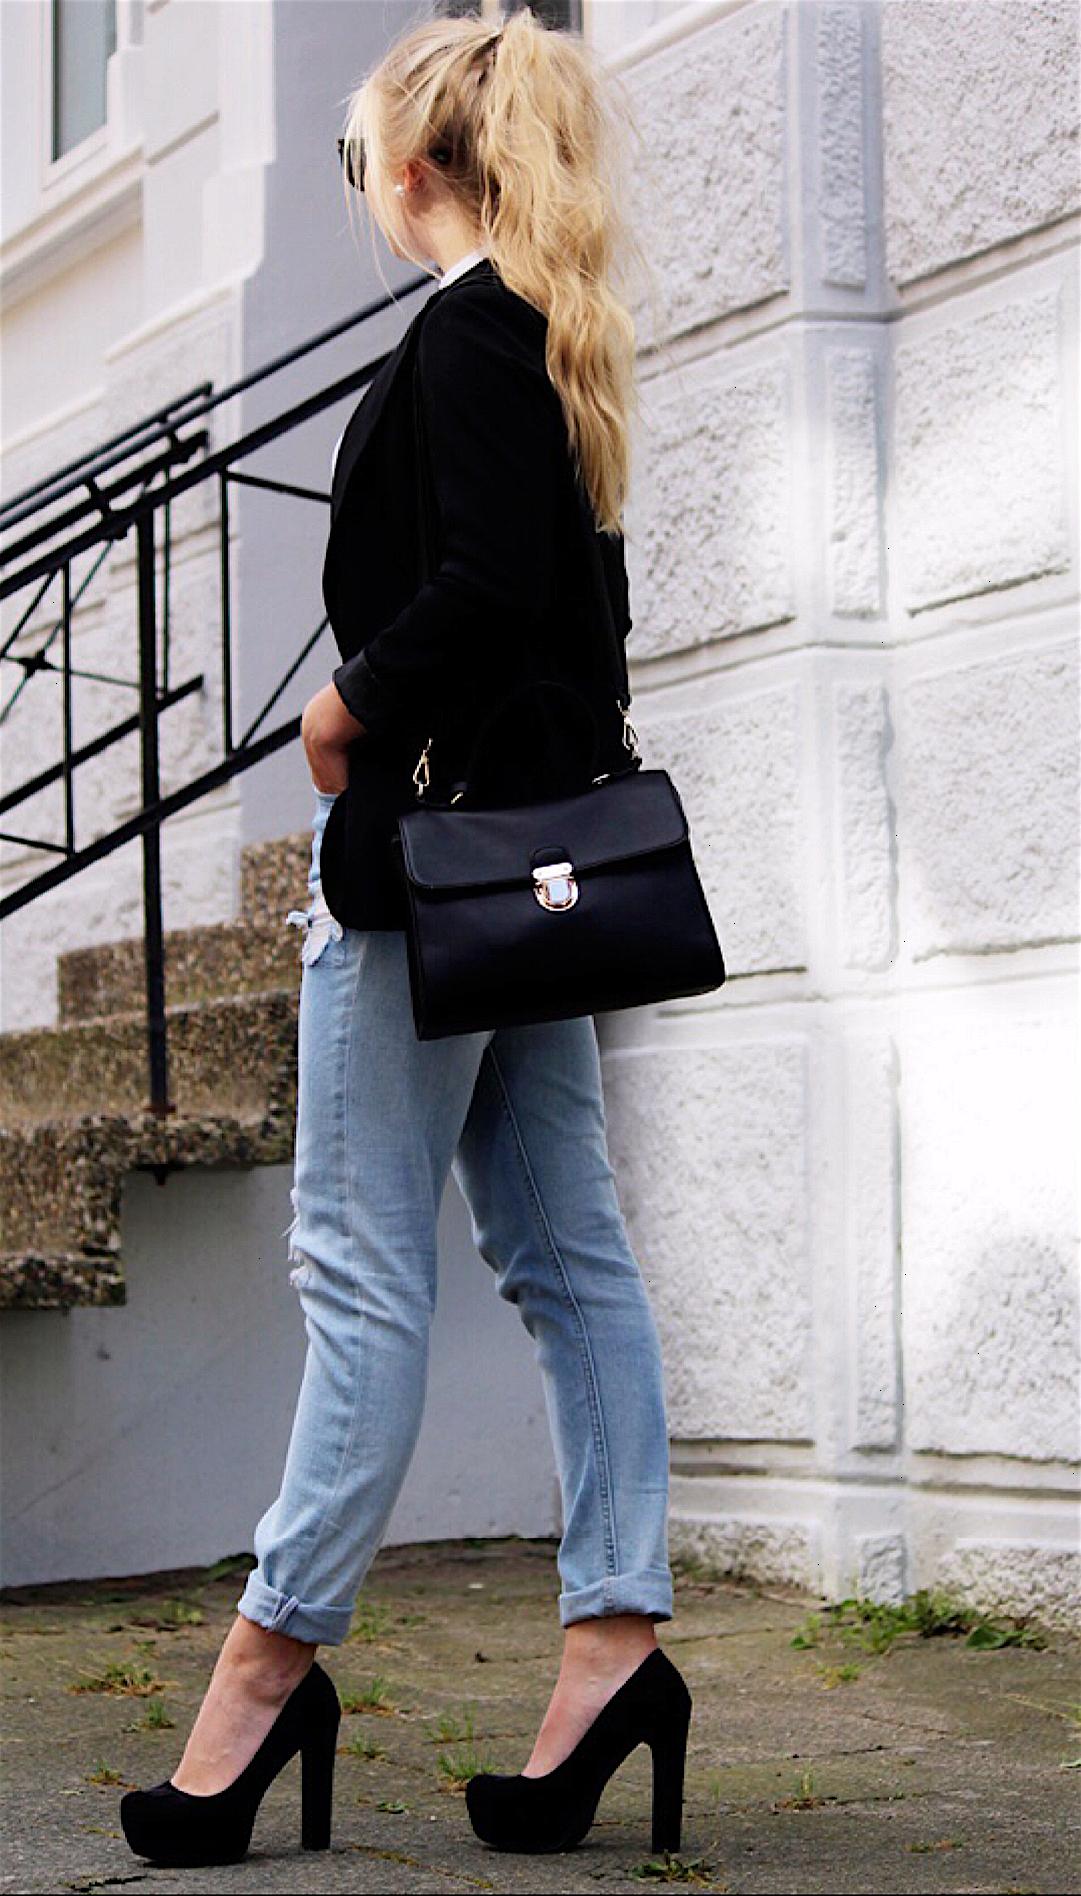 It's_all_about_basic_fashion_julispiration_5